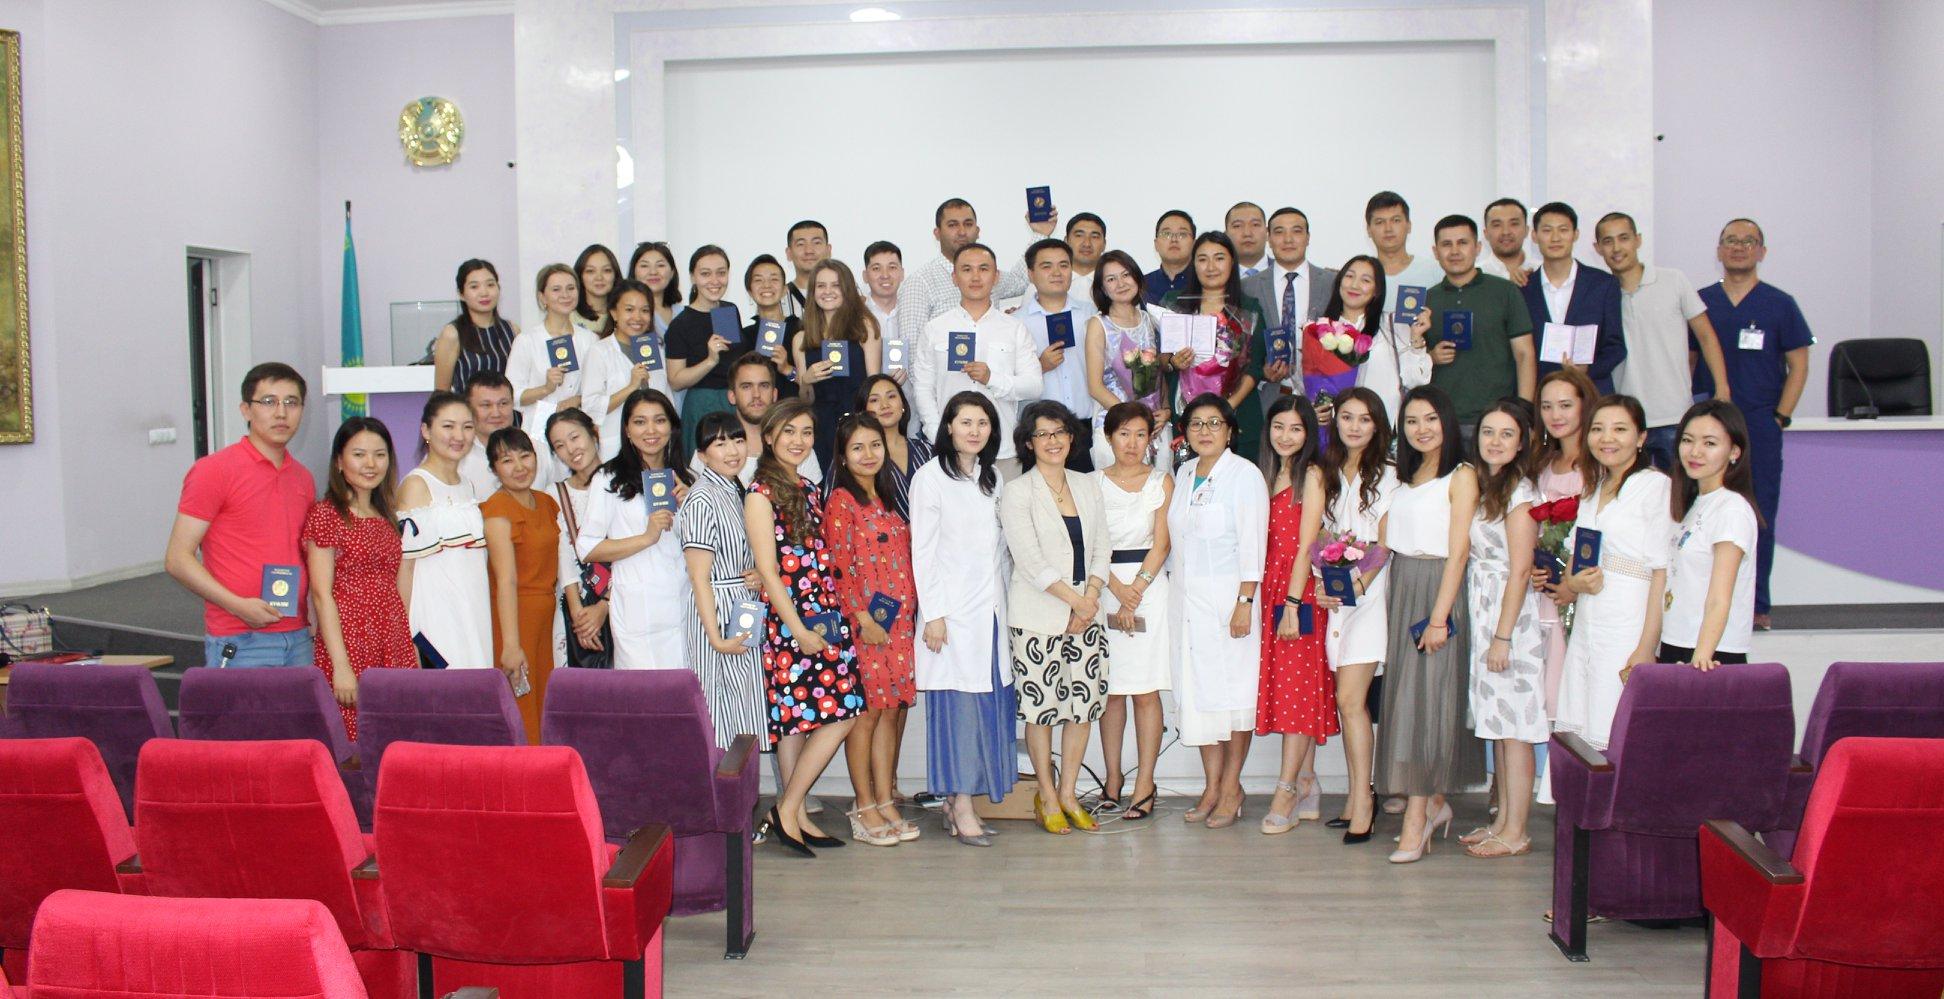 Подготовка кадров в КазНИИОиР: молодые врачи отправятся в регионы